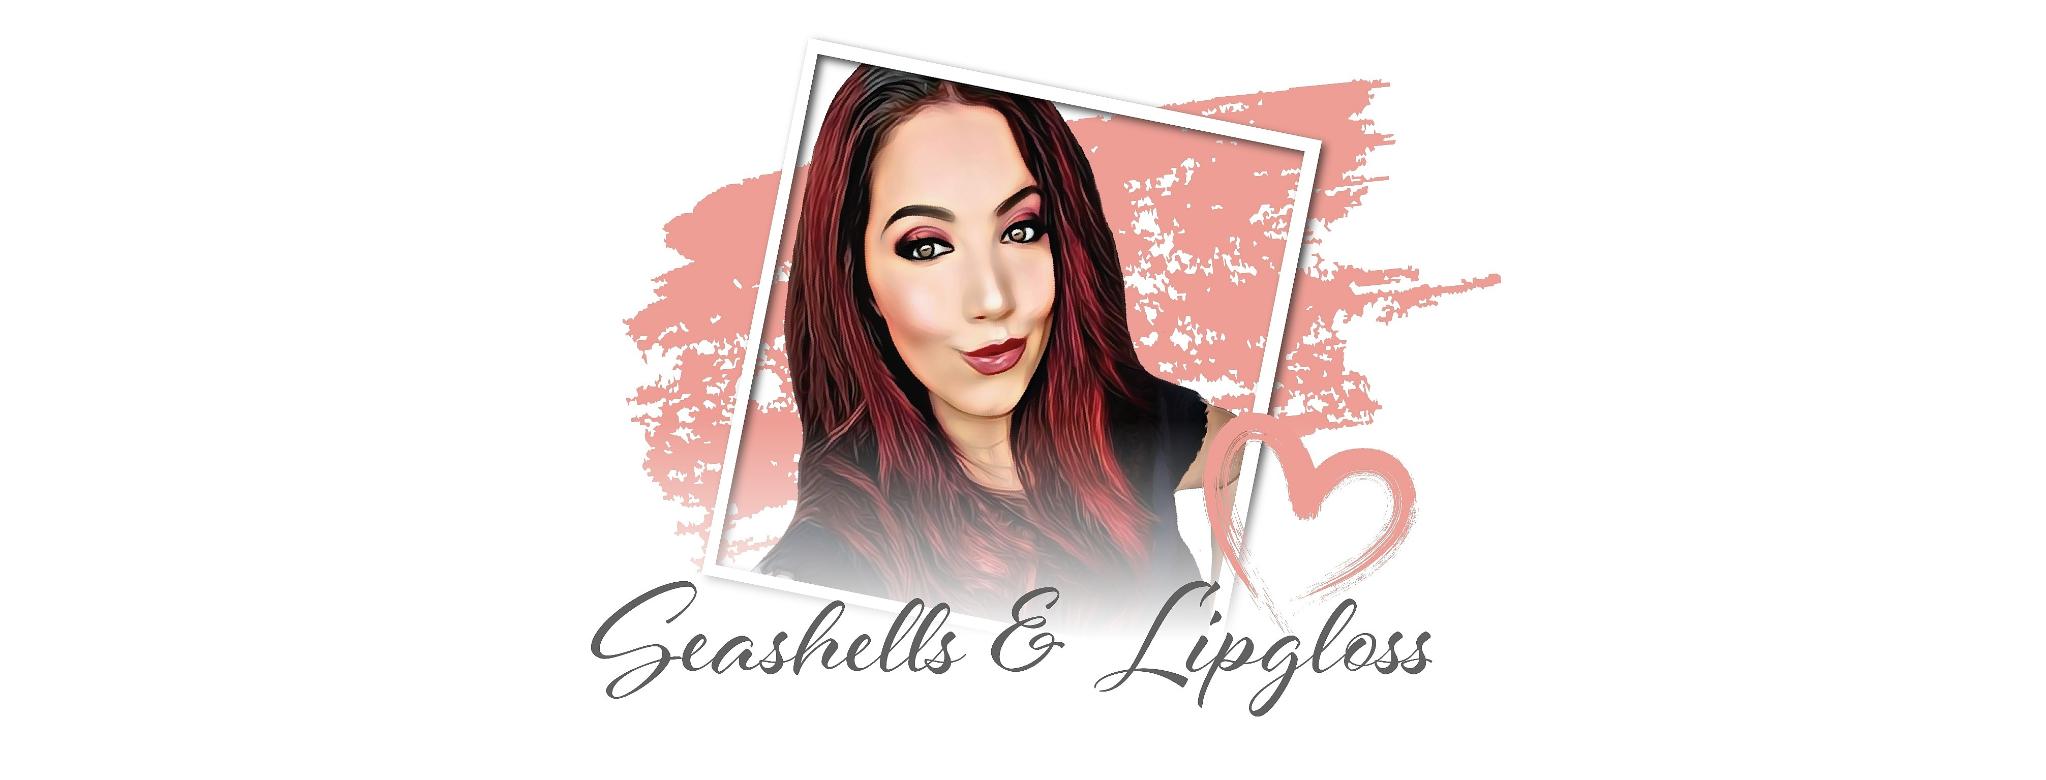 Seashells & Lipgloss Blog